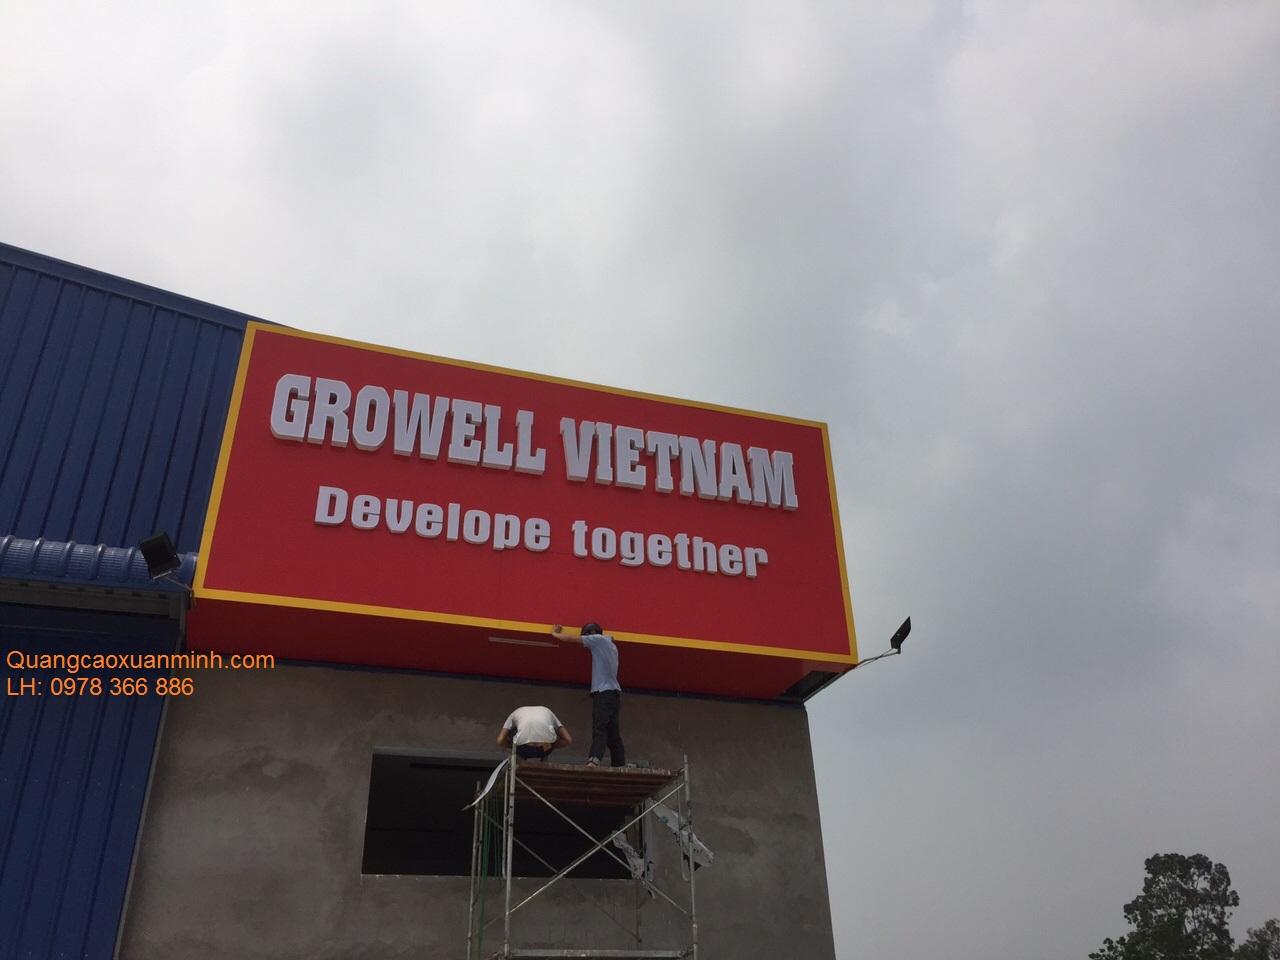 Biển-nhà-máy-Growell-Việt-Nam-Đông-Anh-HN